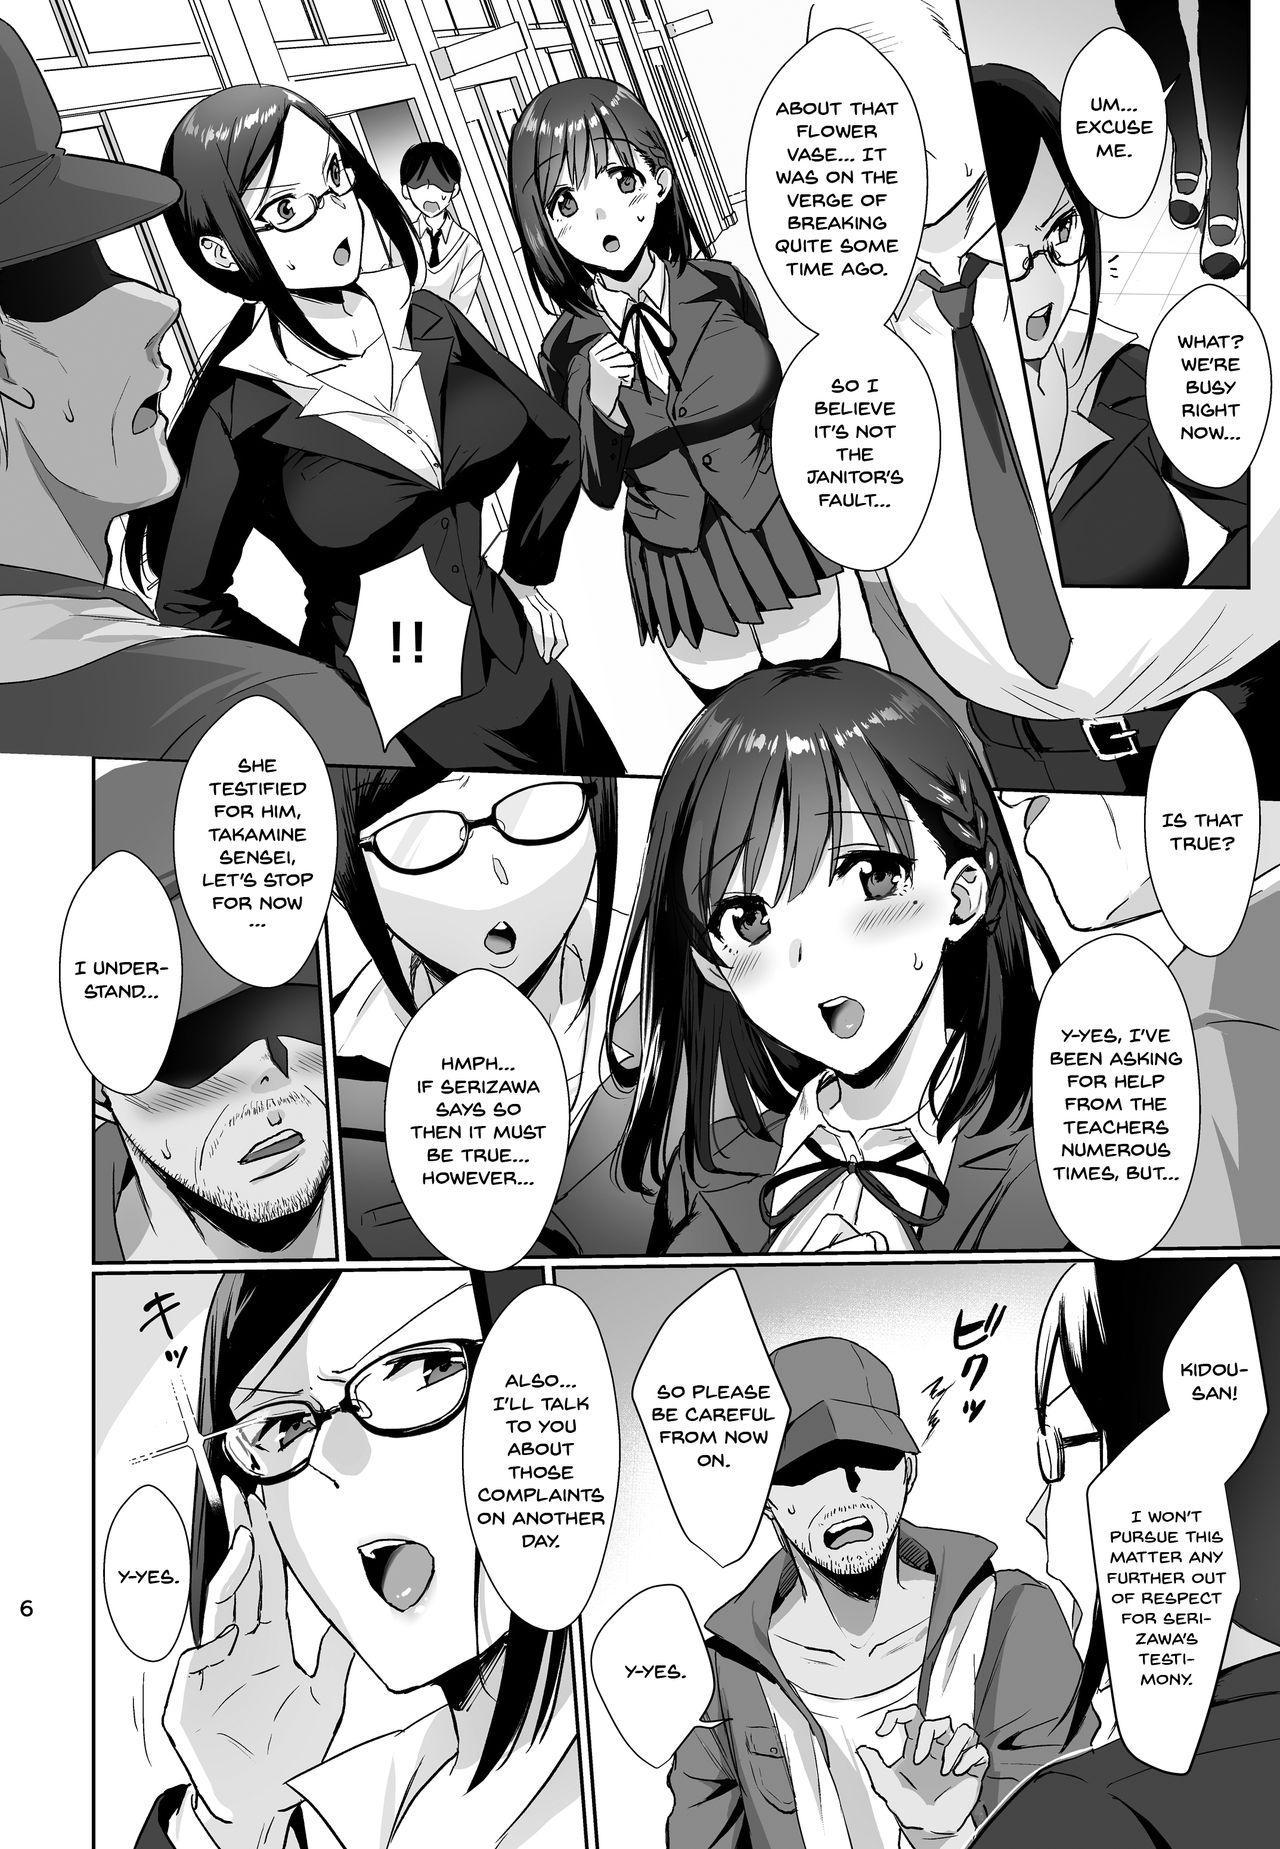 Toshoshitsu no Kanojo 4